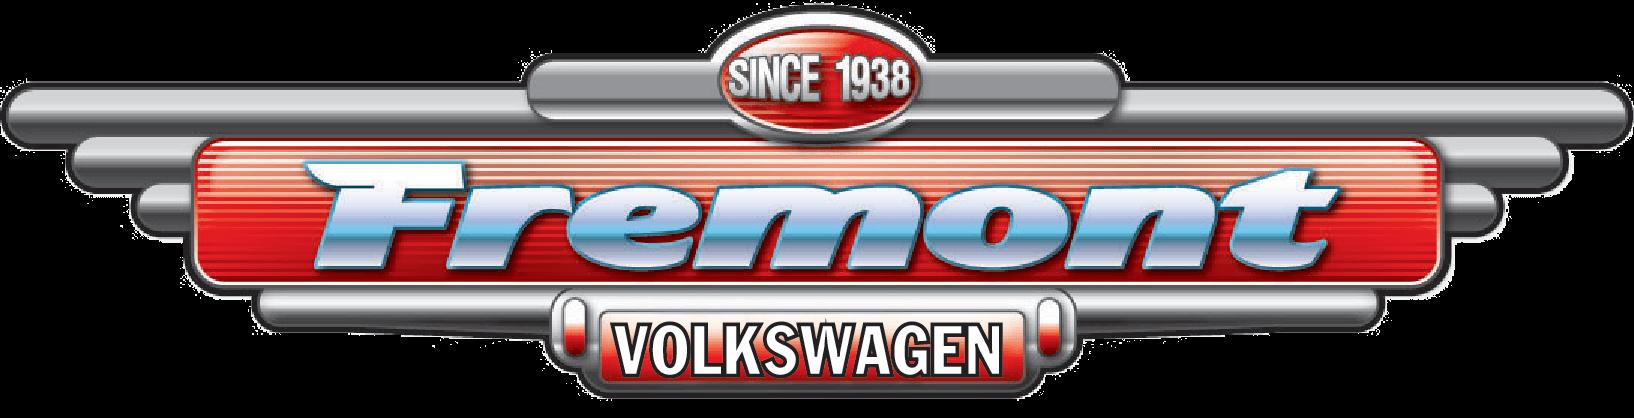 Fremont Volkswagen Casper Logo